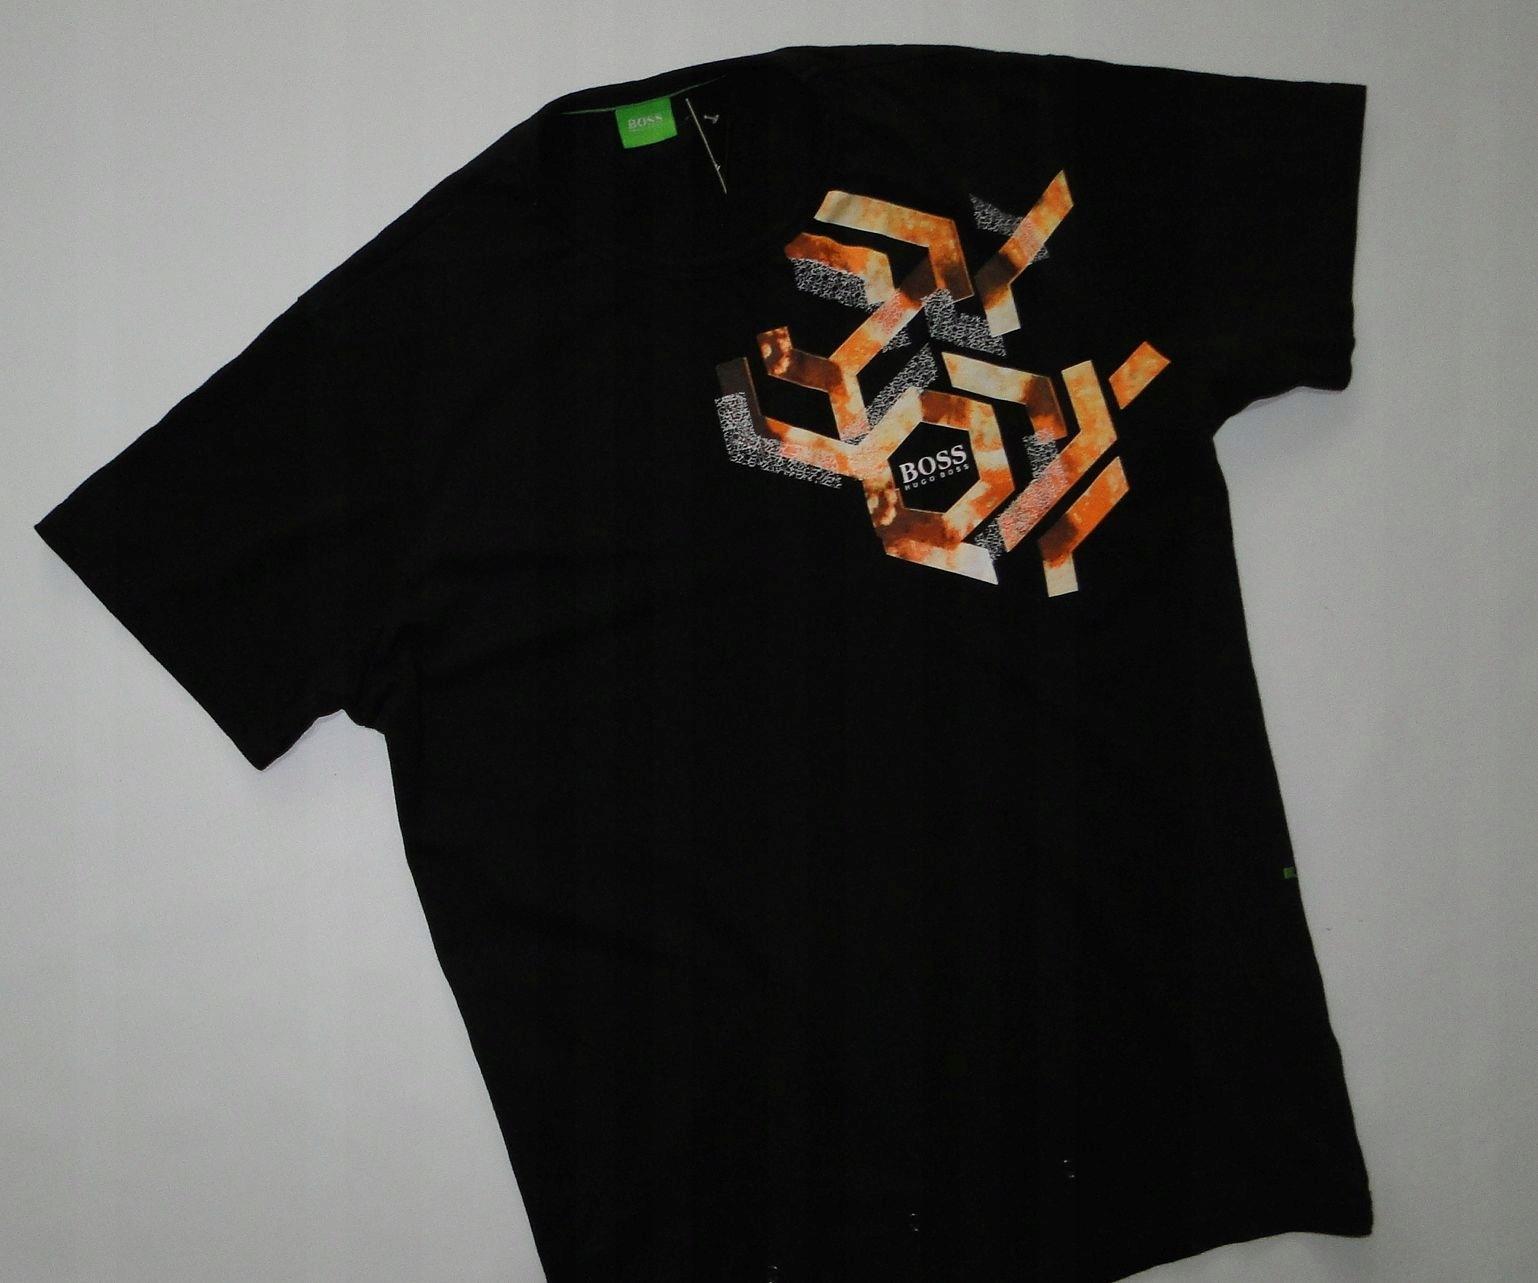 77a1849f748cc Koszulka HUGO BOSS Art Buttons T-shirt / M - 7547095222 - oficjalne ...